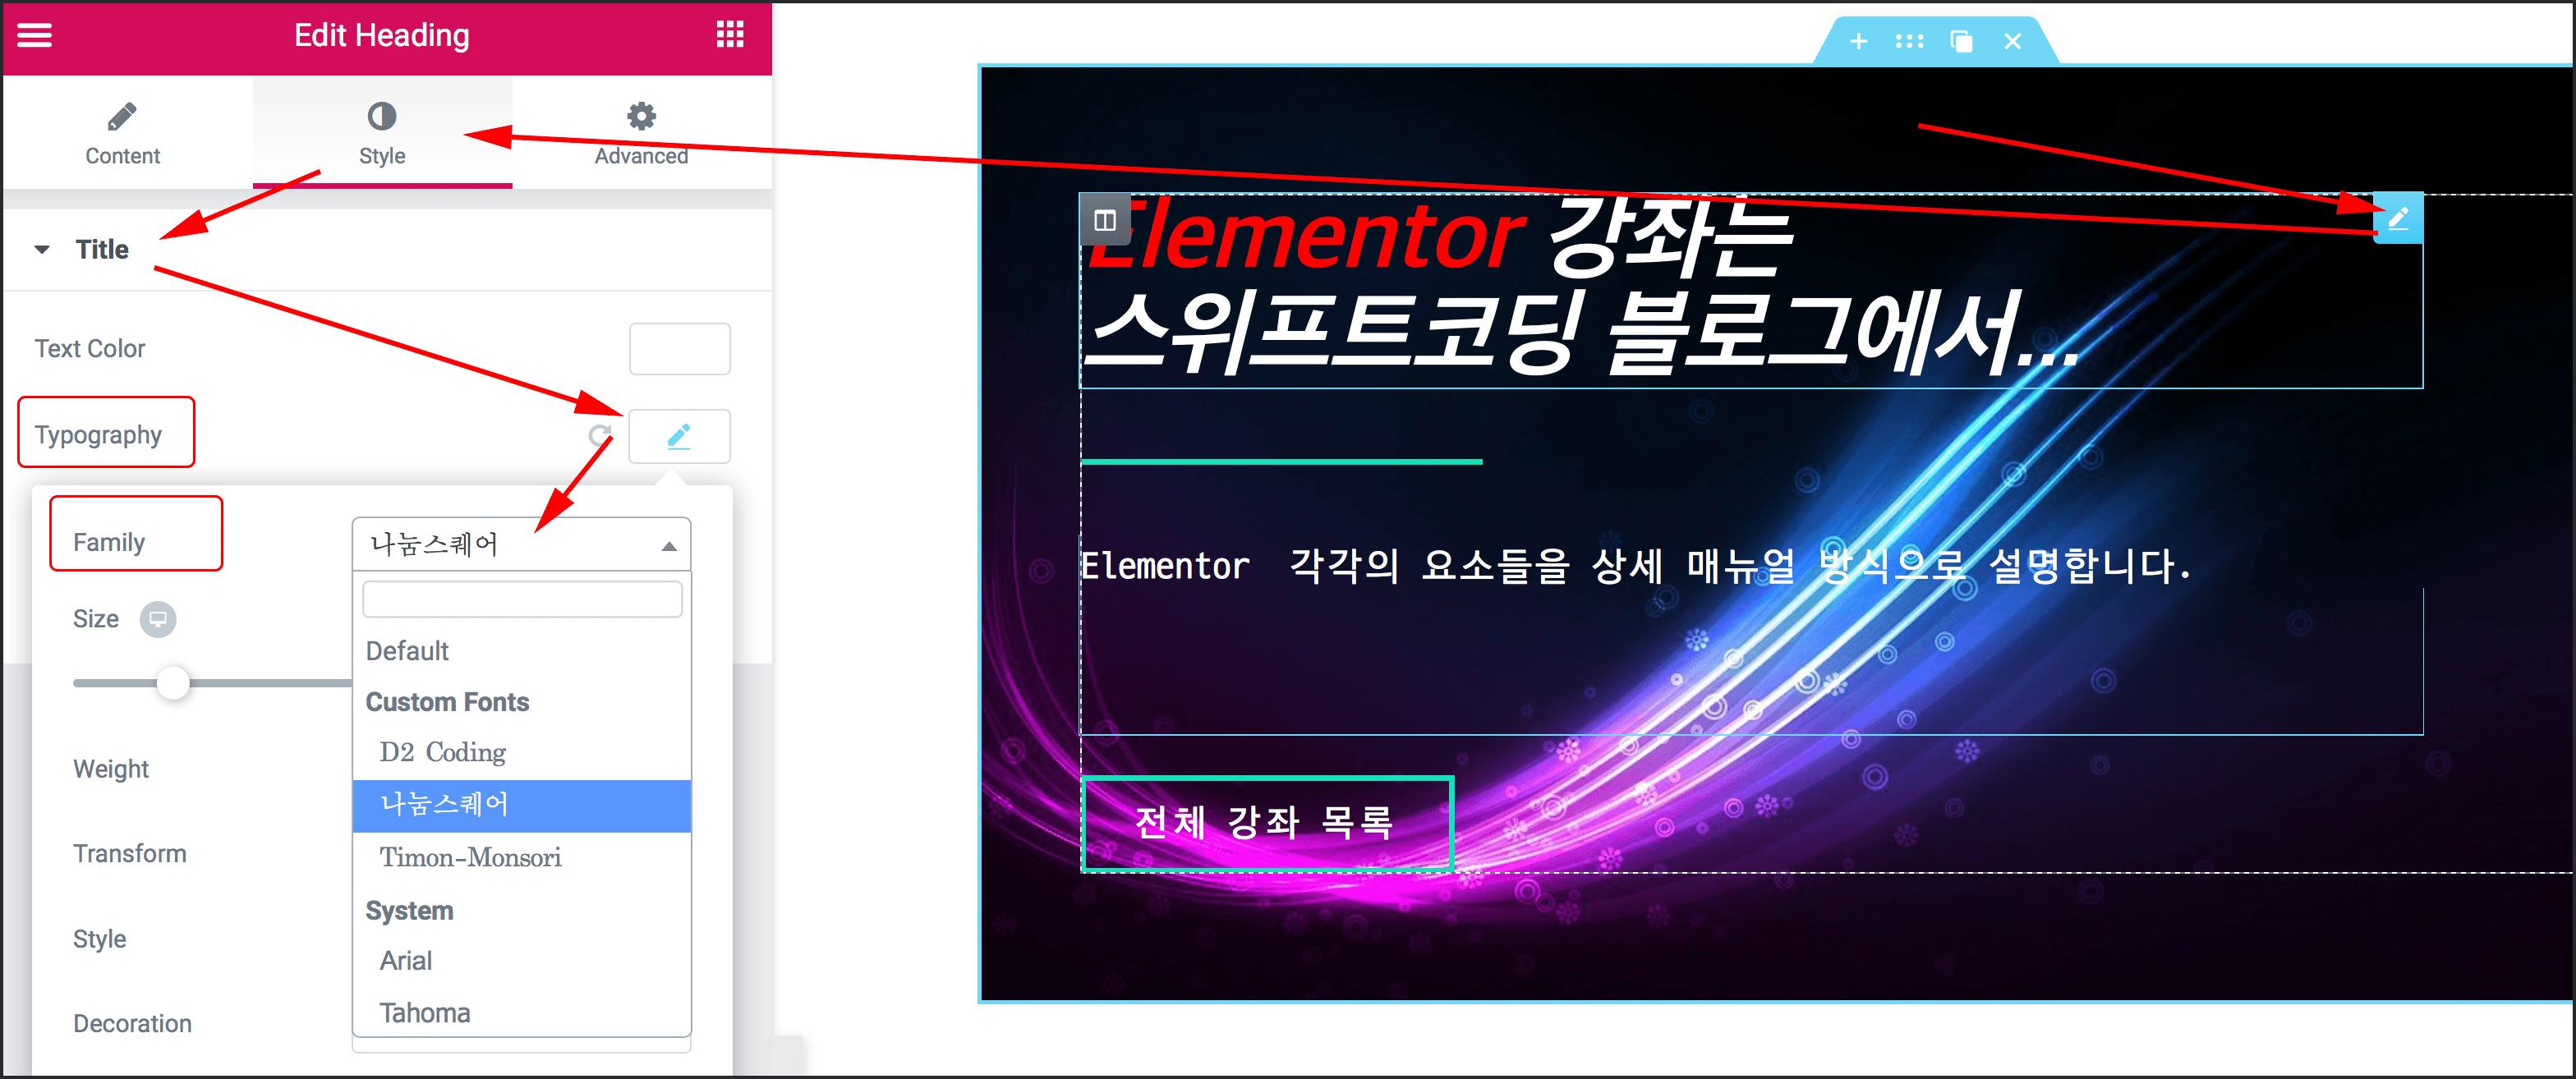 엘리멘토 왼쪽 패널 Edit  heading 에서 나눔스퀘어 지정